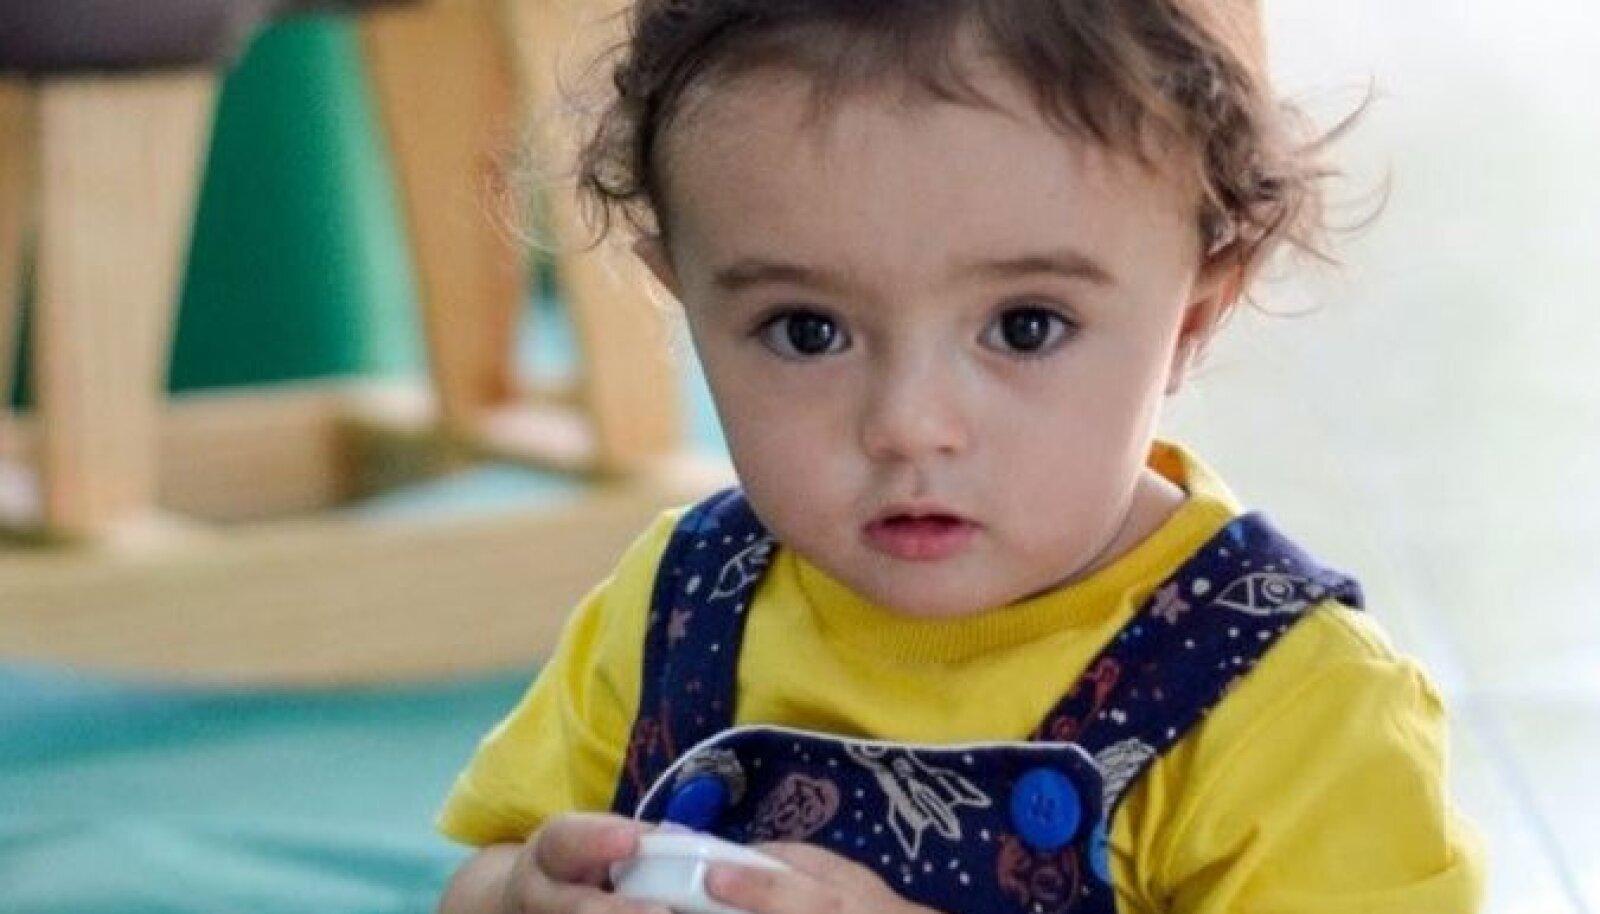 Лукасу был всего один год, он умер от мультисистемного воспалительного синдрома, который может начаться у детей при заражении коронавирусом